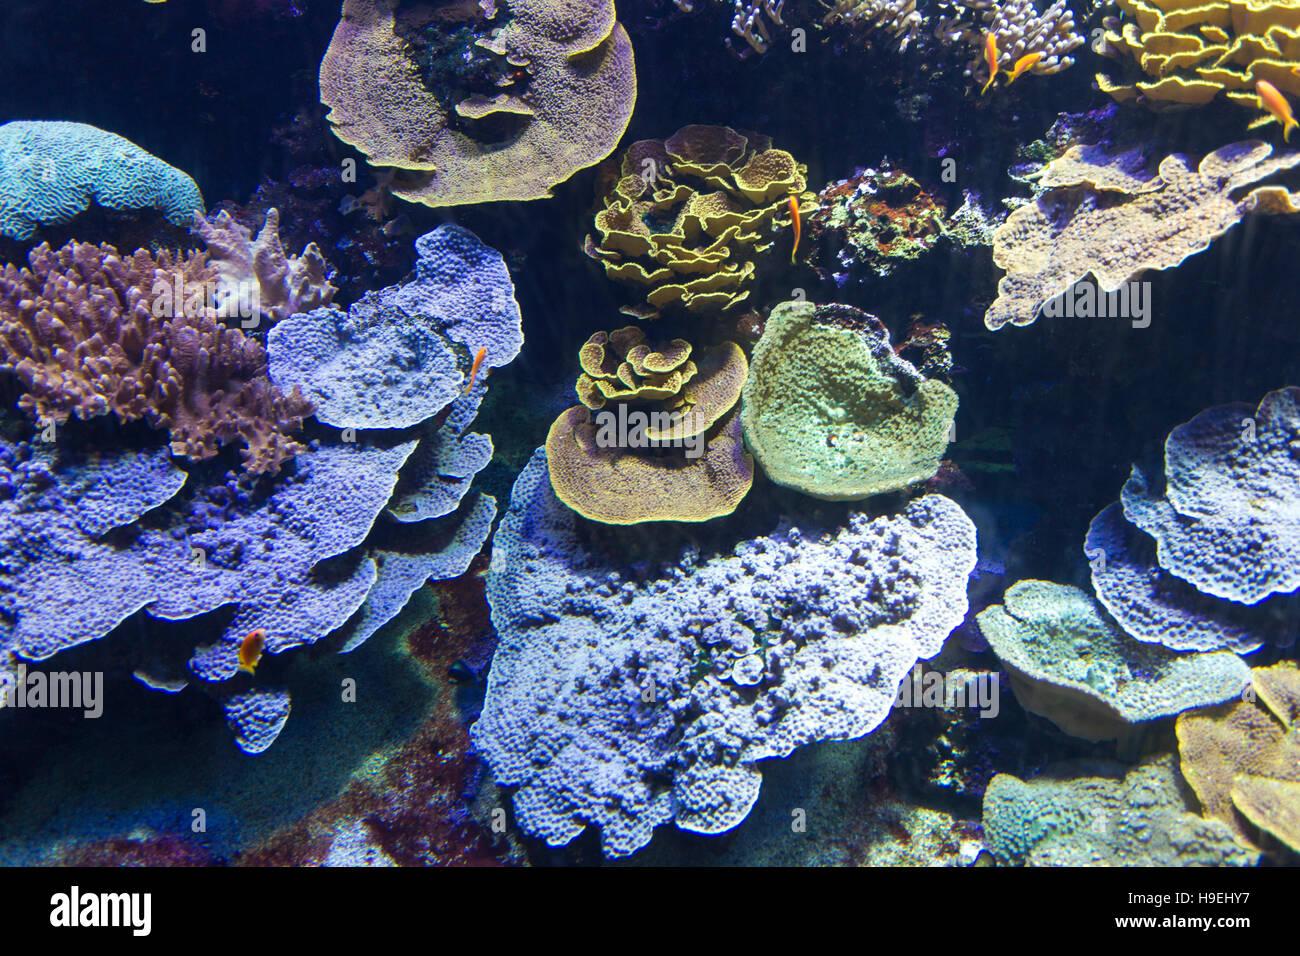 Arrecifes de coral con corales duros y blandos con peces exóticos Imagen De Stock